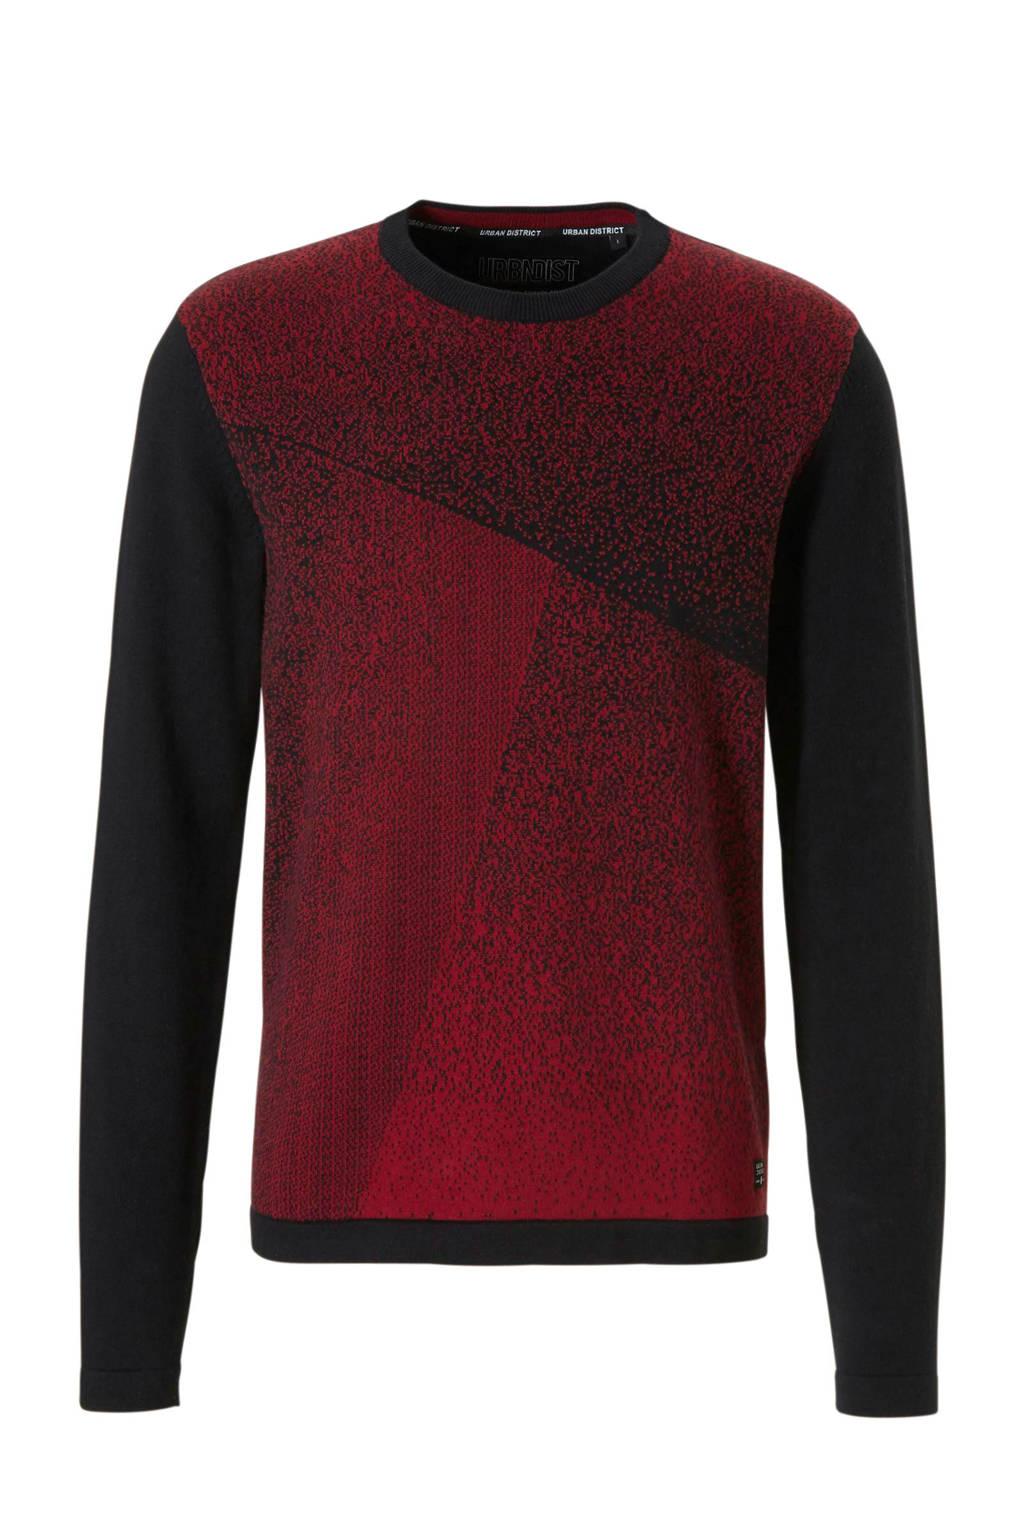 C&A Angelo Litrico trui met print zwart, Rood/zwart